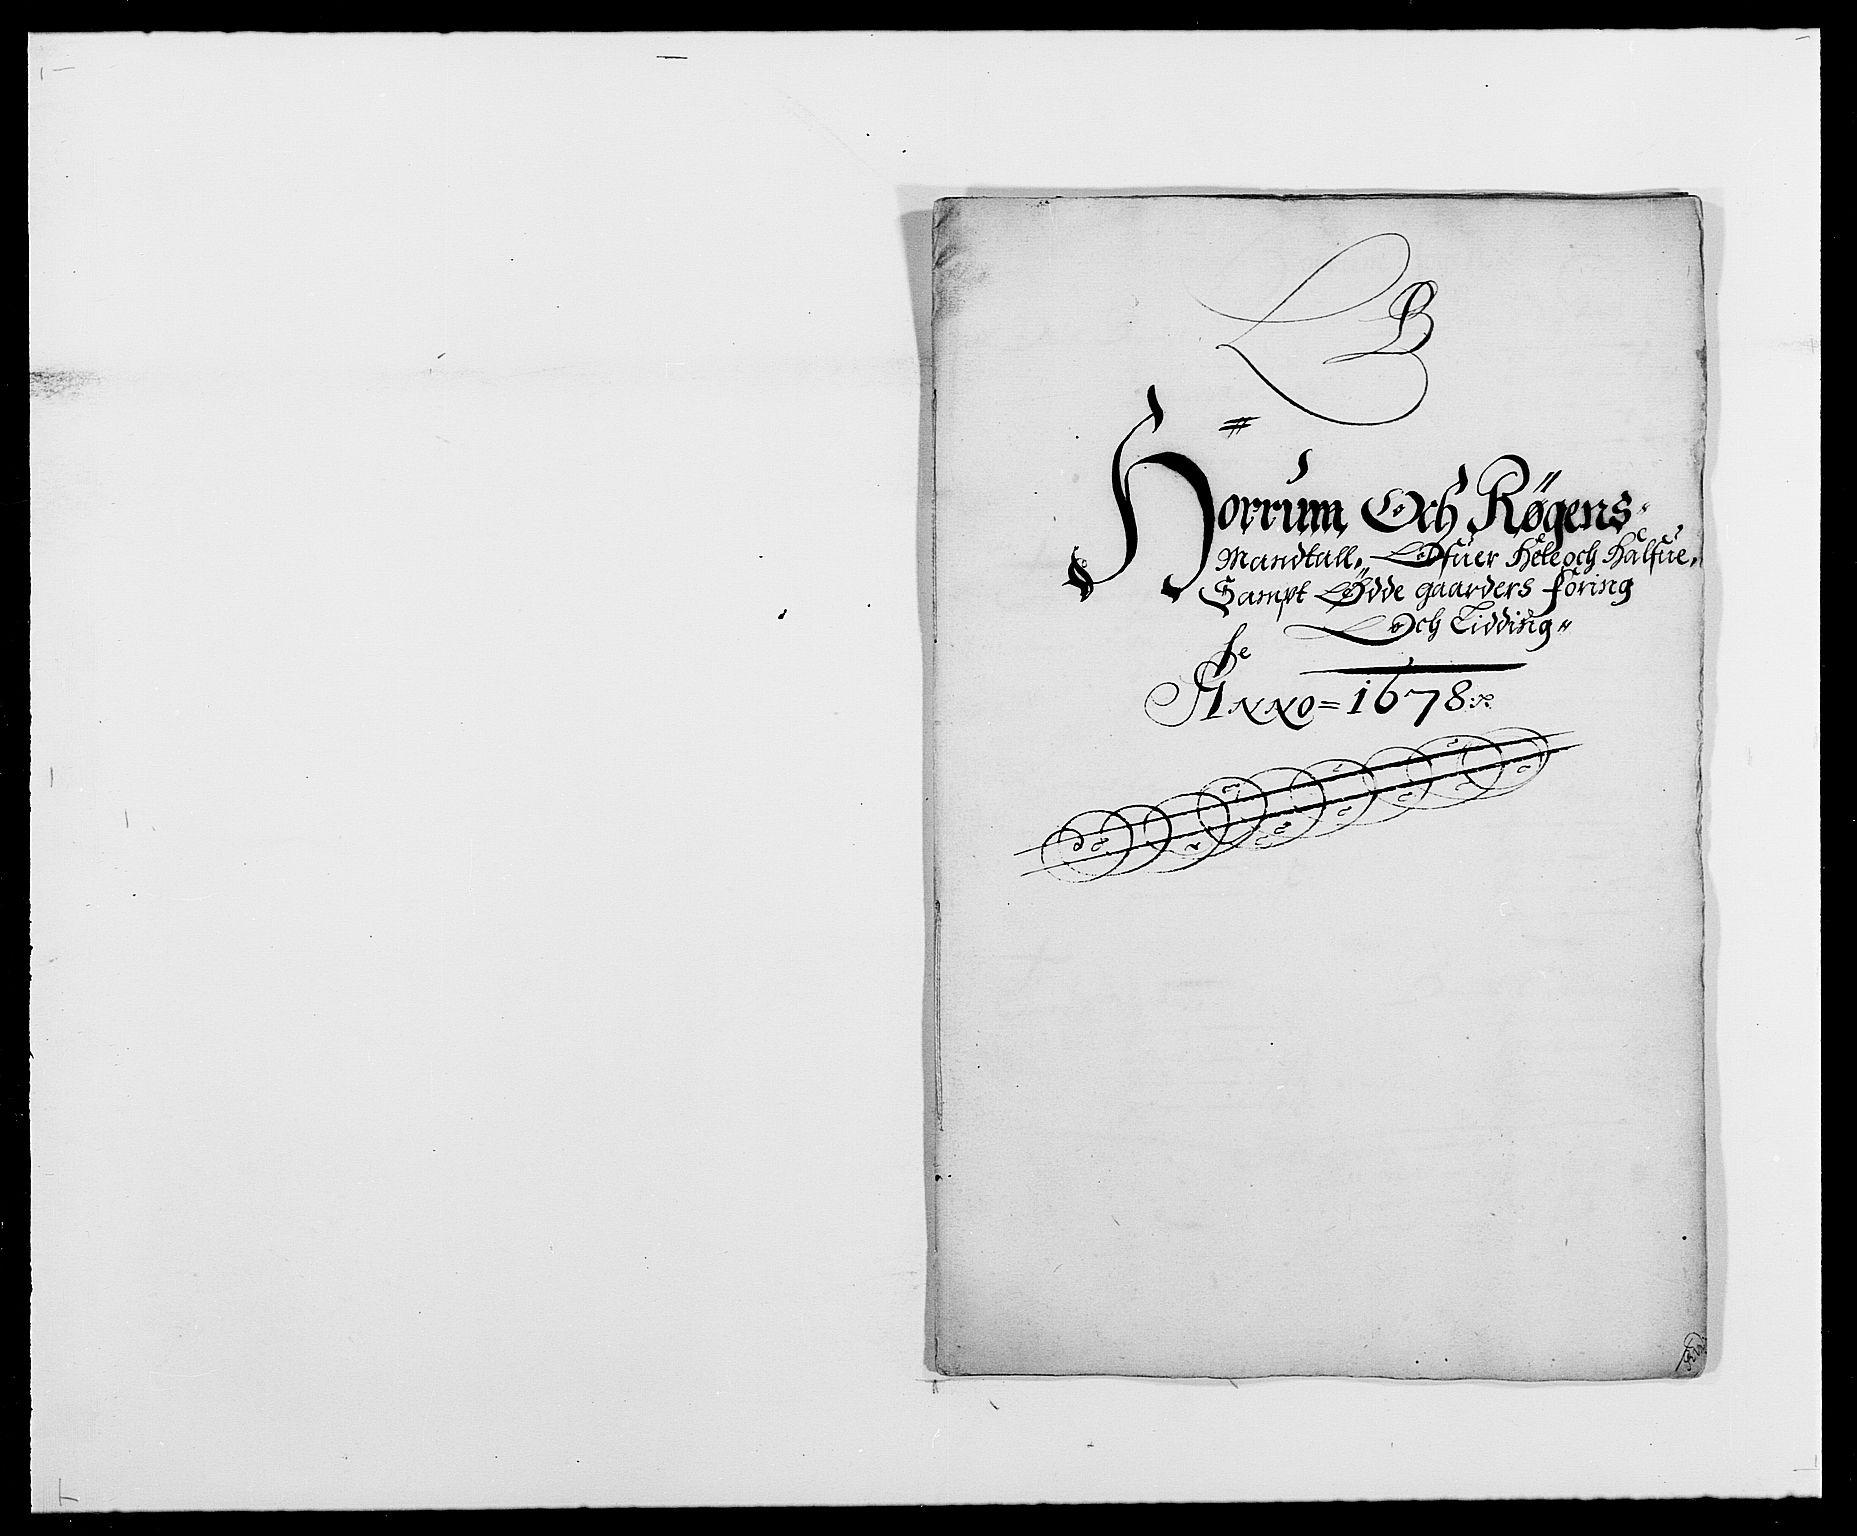 RA, Rentekammeret inntil 1814, Reviderte regnskaper, Fogderegnskap, R29/L1691: Fogderegnskap Hurum og Røyken, 1678-1681, s. 46